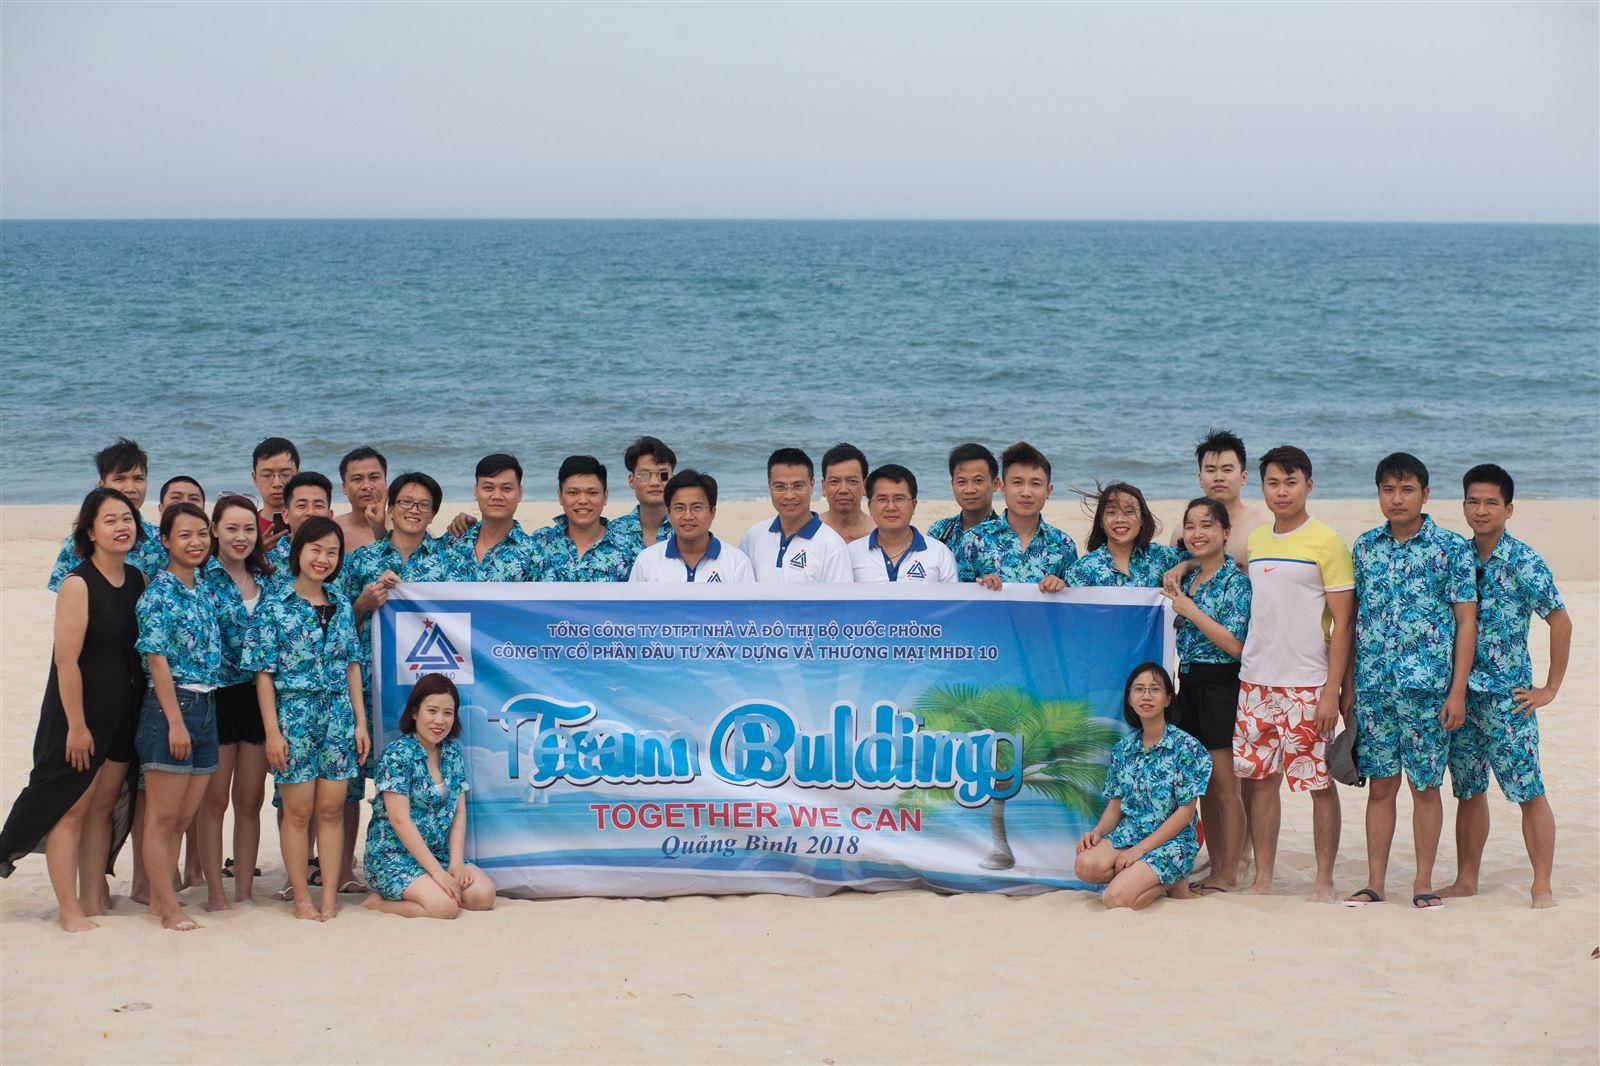 Team Building trên bãi biển Nhật Lệ